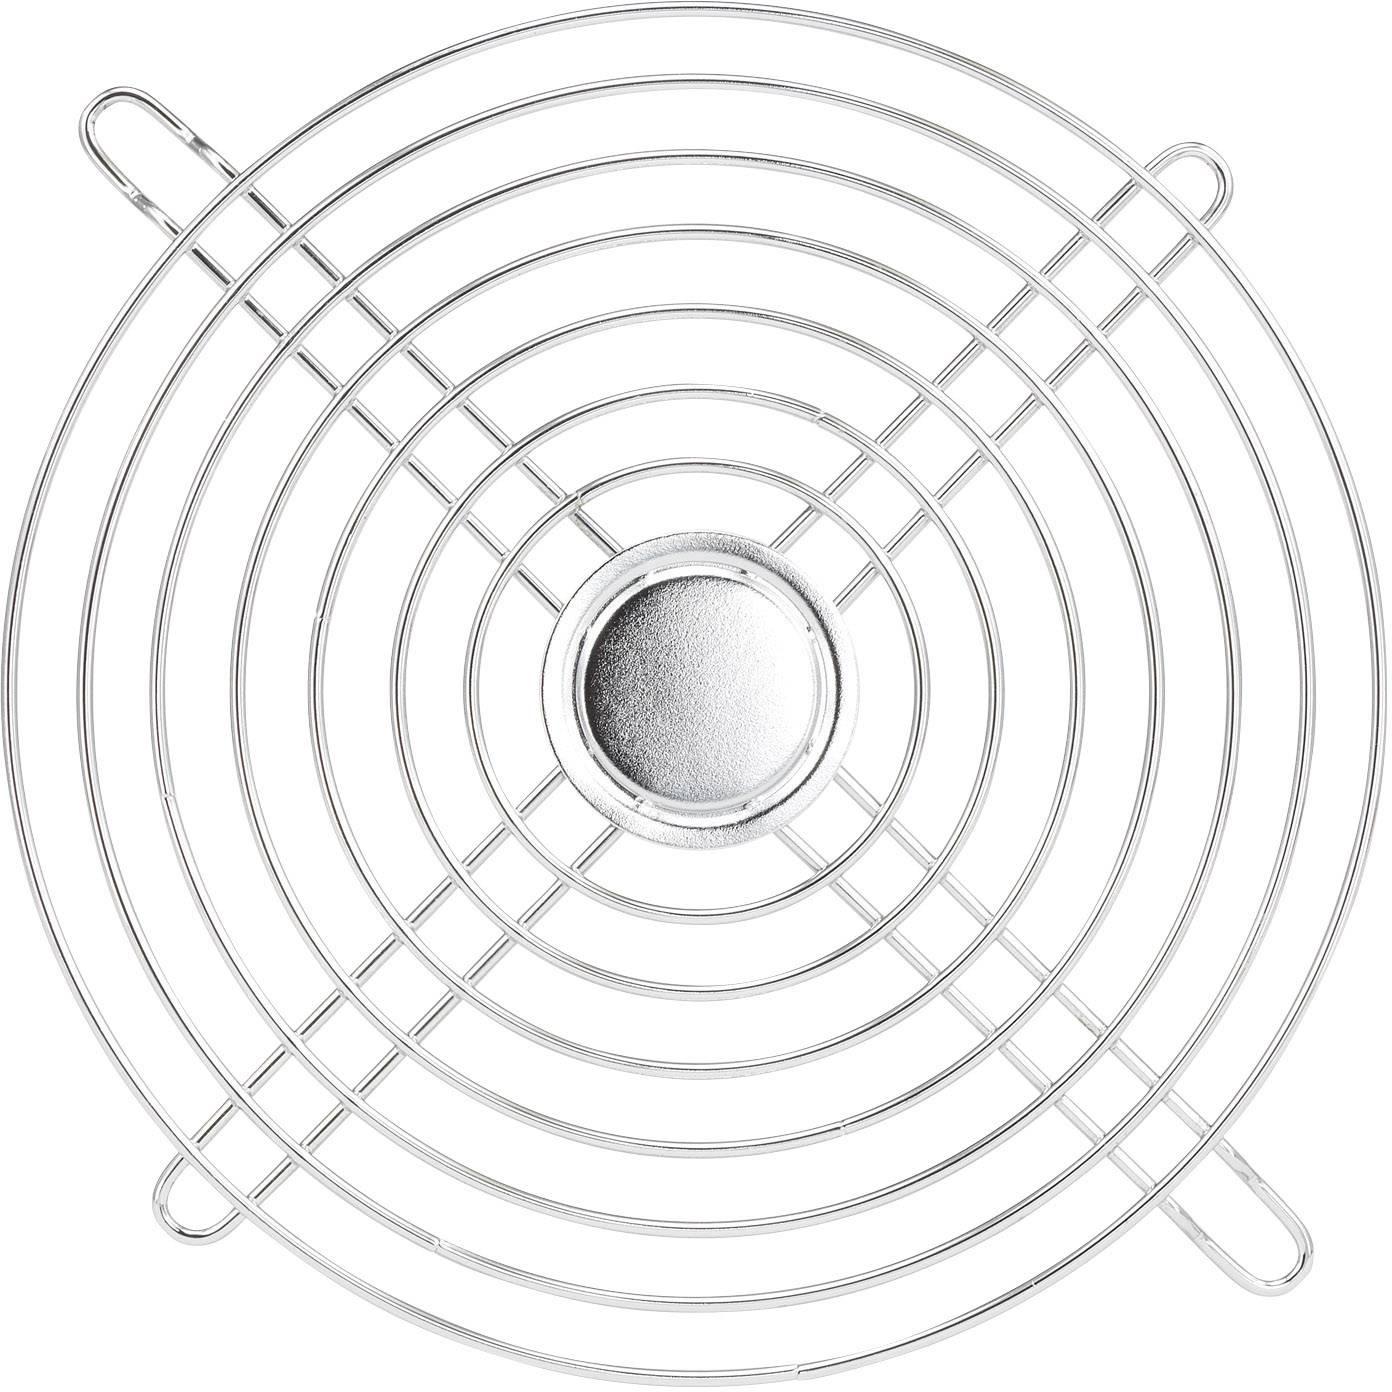 Větrací mřížka PROFAN Technology 1408558, (š x v) 170 mm x 170 mm, kov, 1 ks